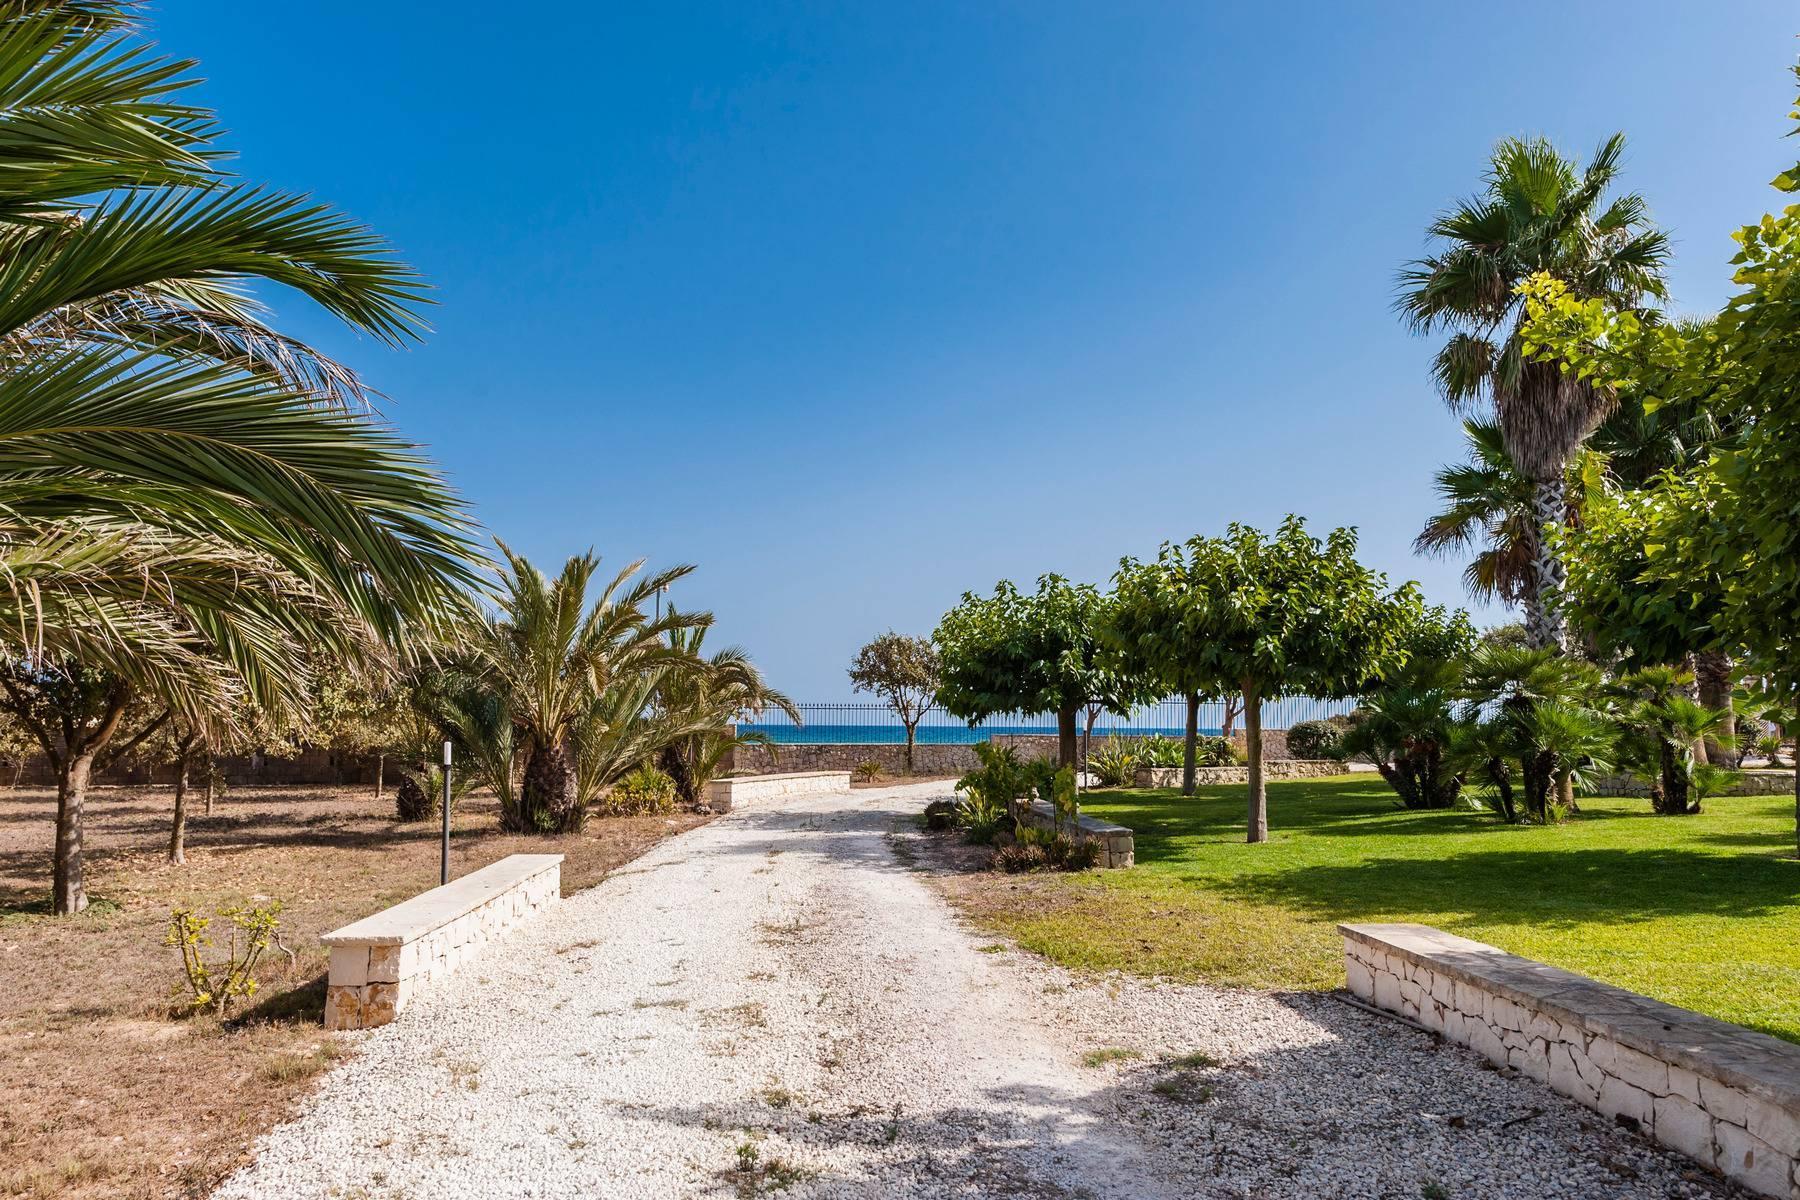 Esclusiva villa sul mare con ingresso privato in spiaggia - 32